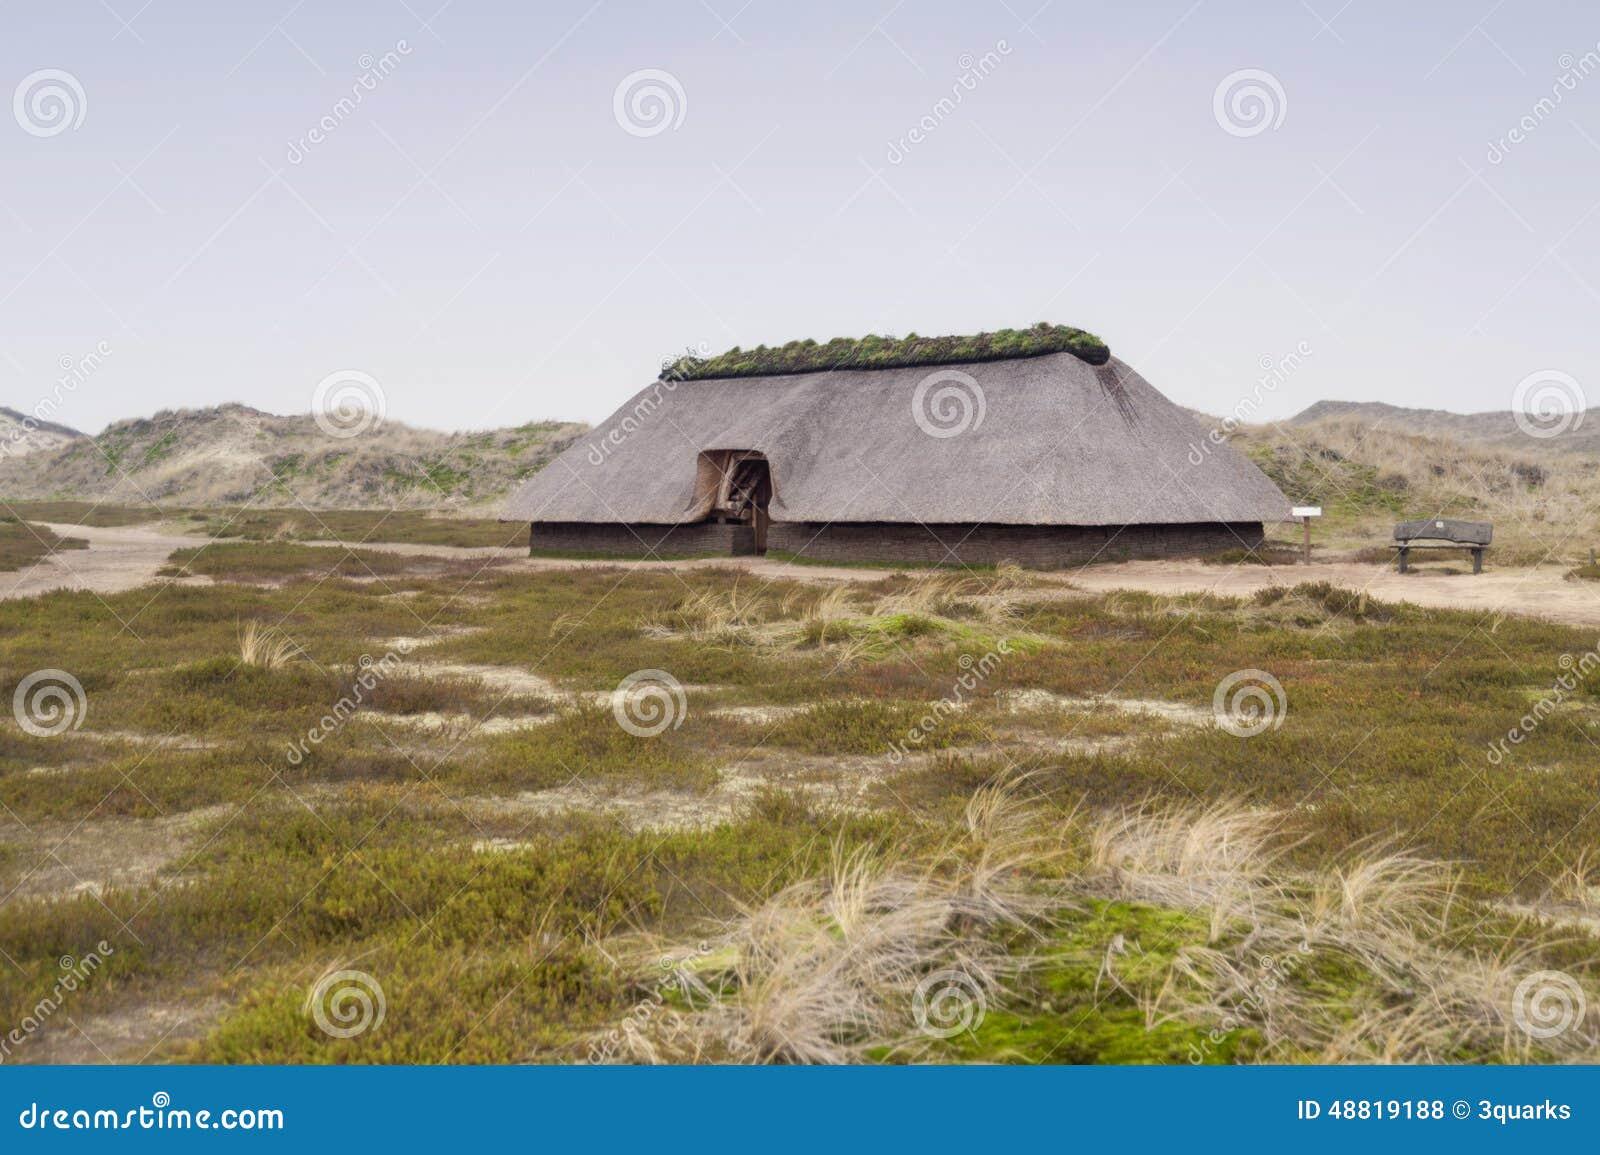 Reconstrucción prehistórica de una casa de la Edad de Piedra